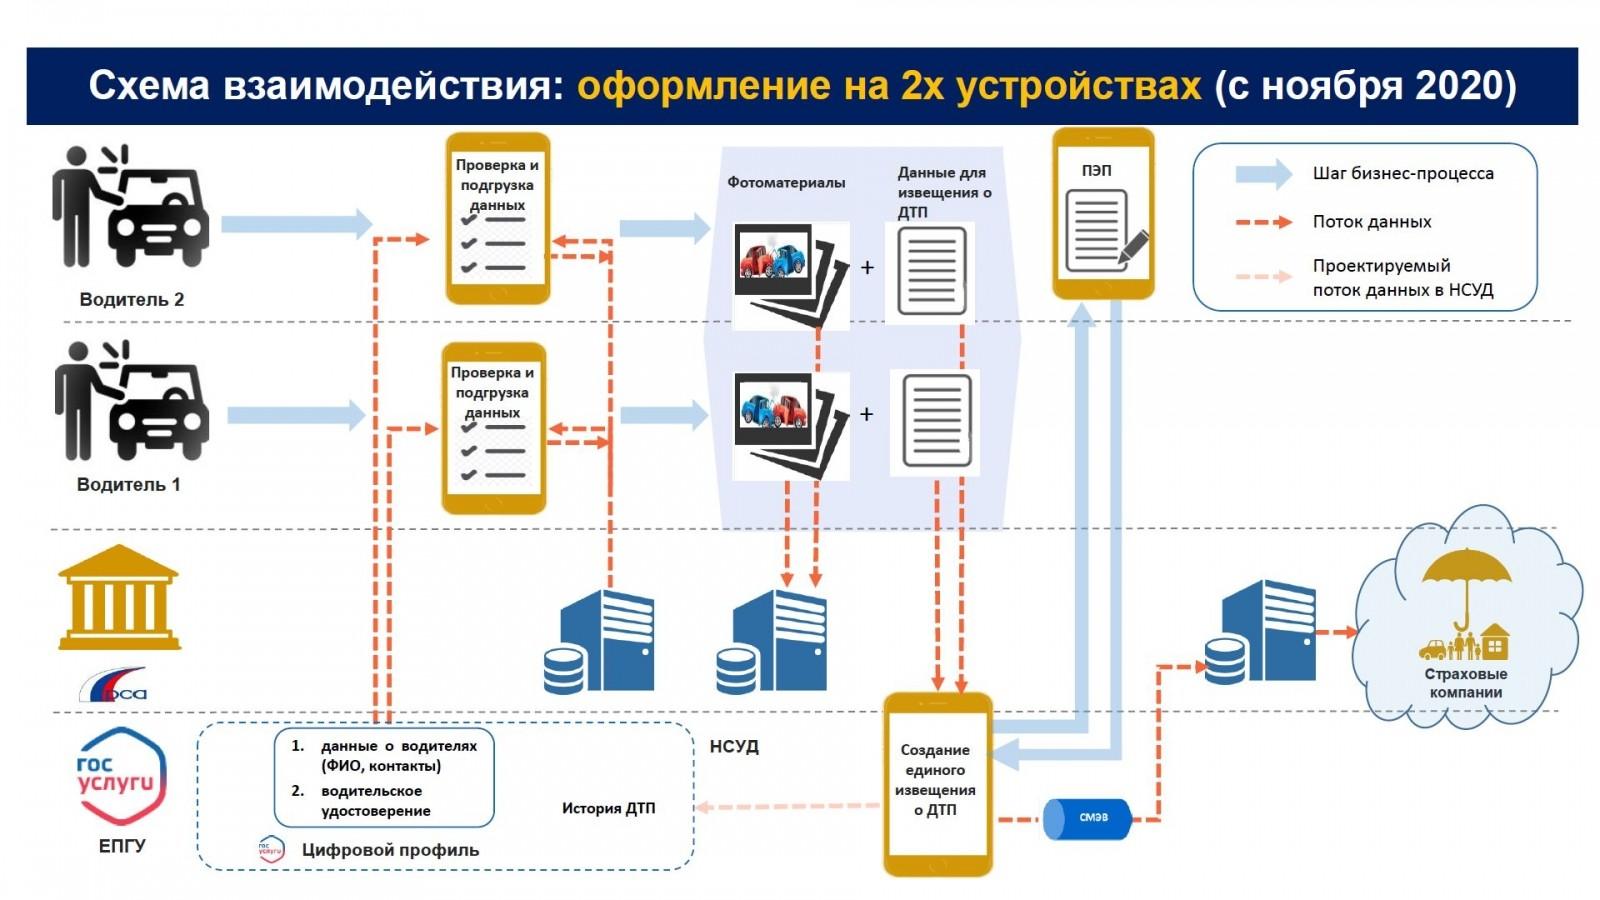 Утверждены правила оформления европротокола с использованием смартфона